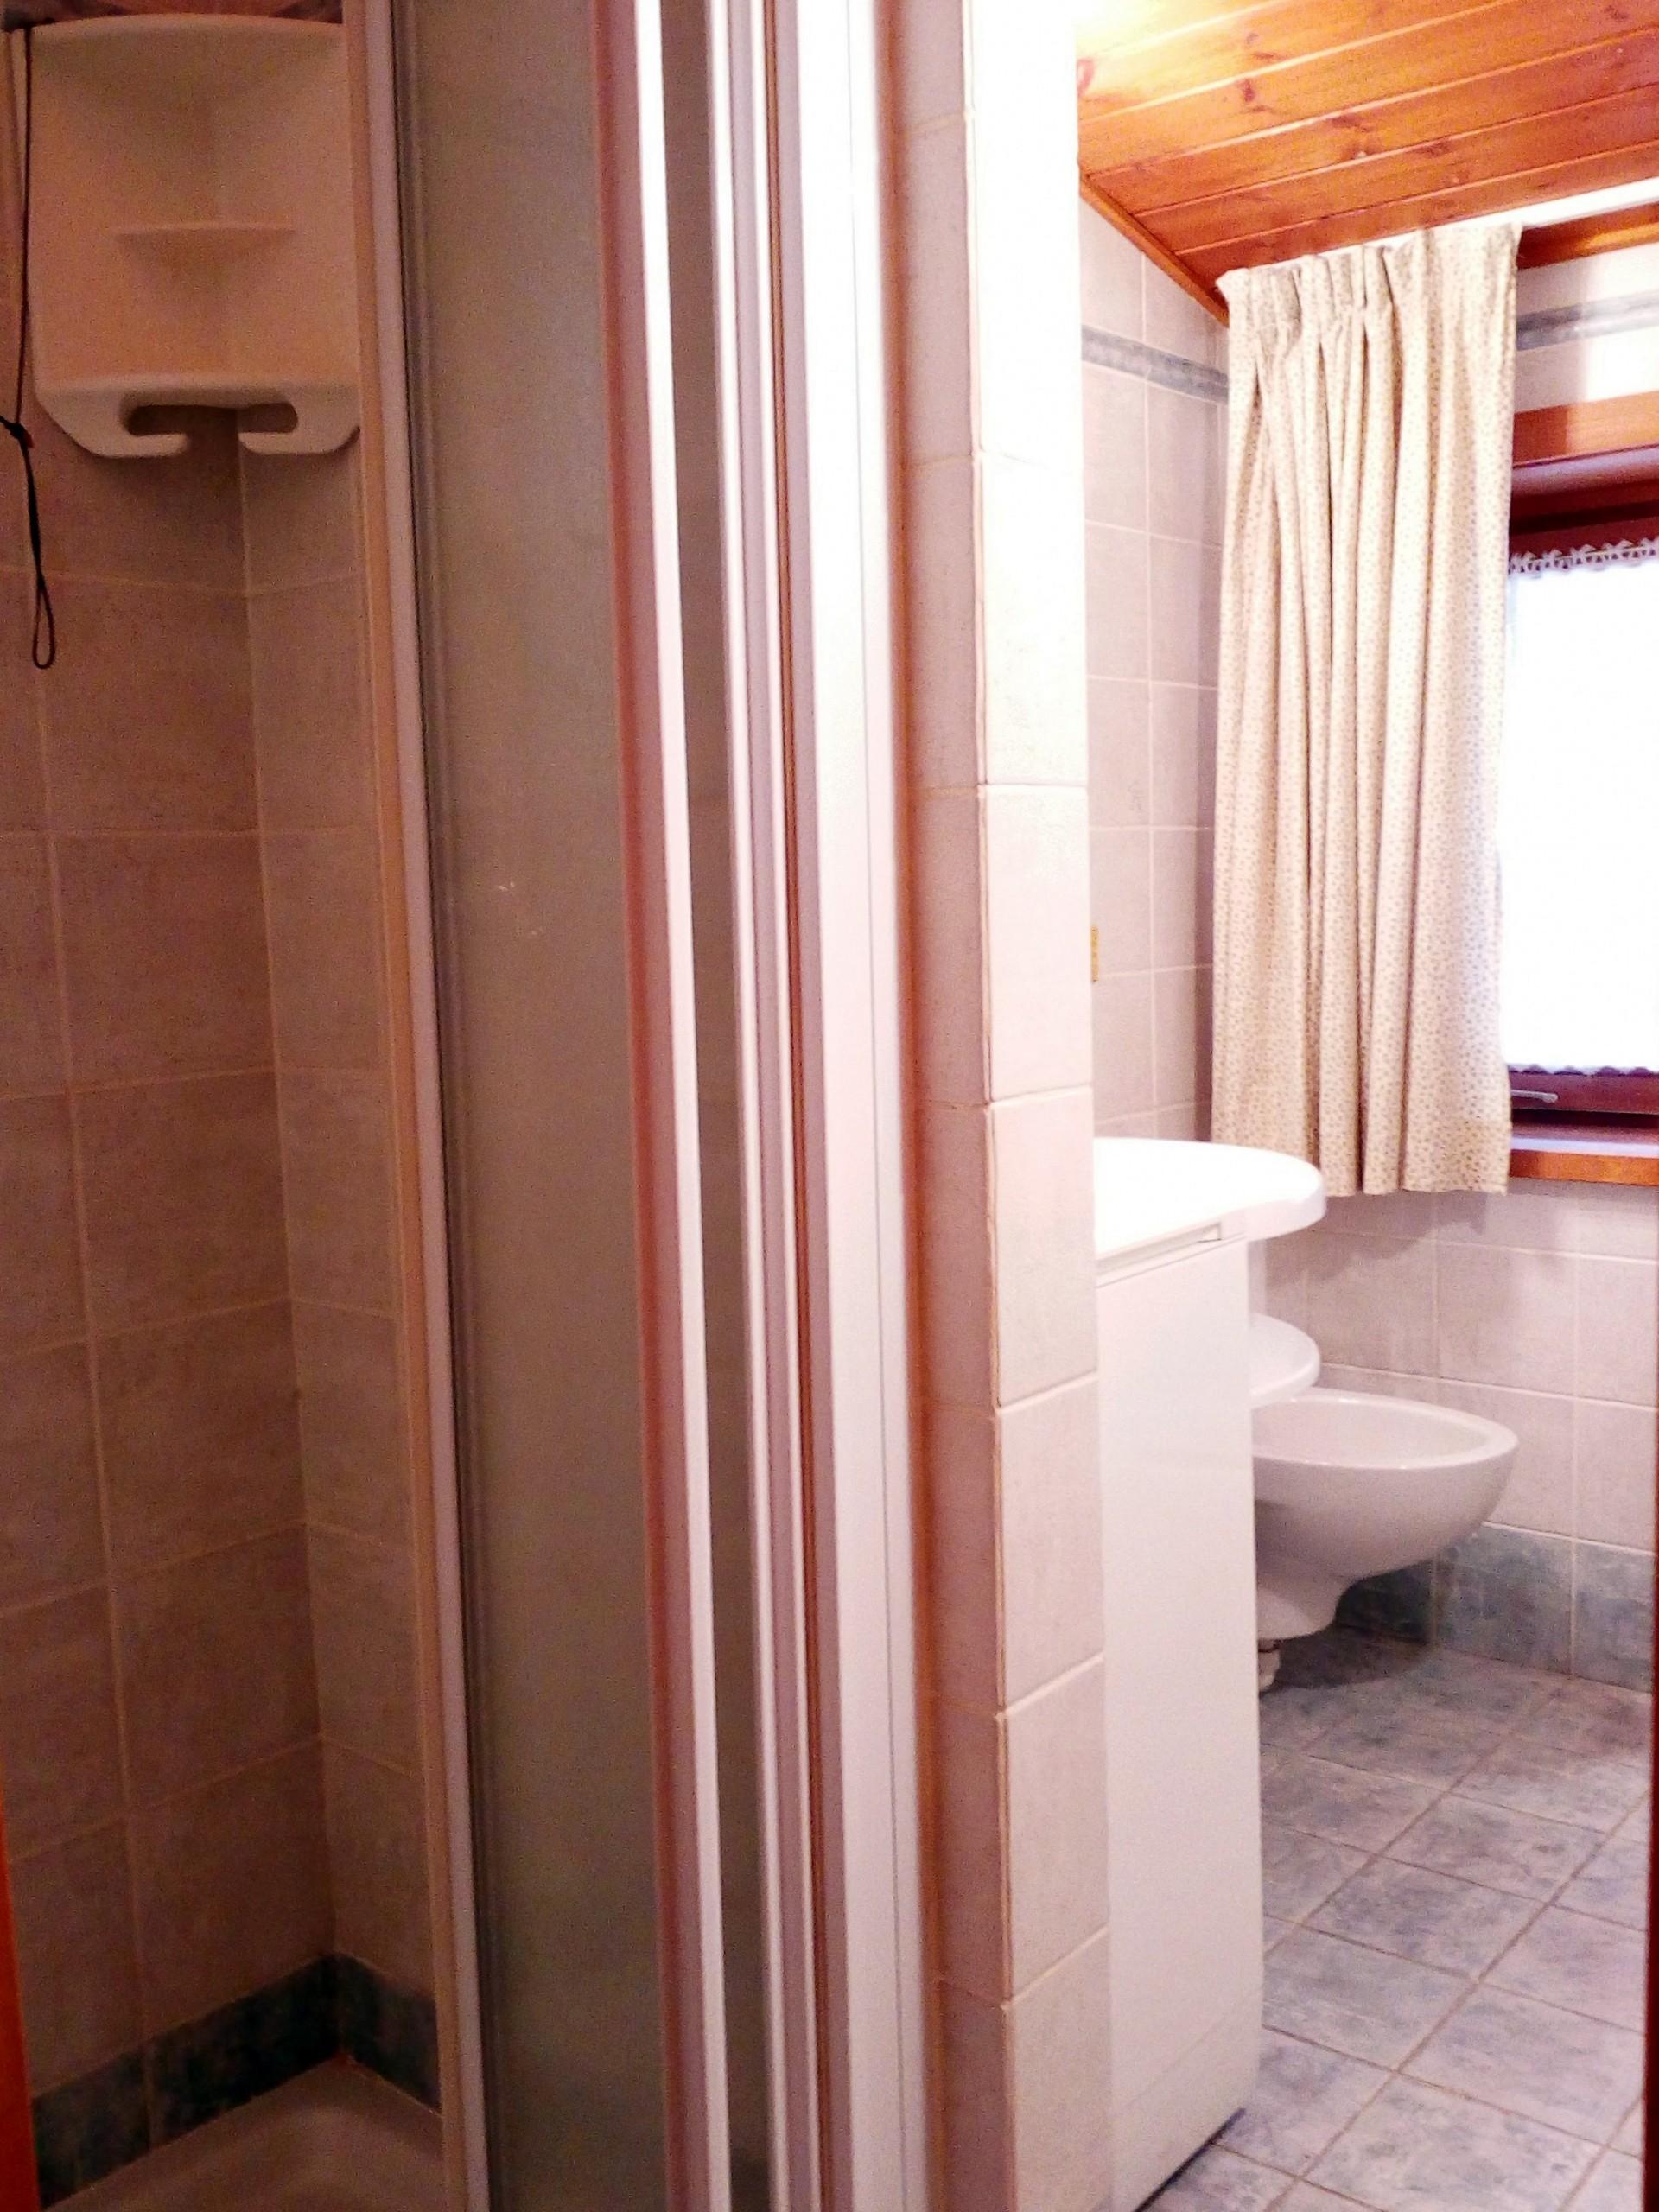 Rental Apartment Living Room Decorating Ideas: Apartments In Madonna Di Campiglio